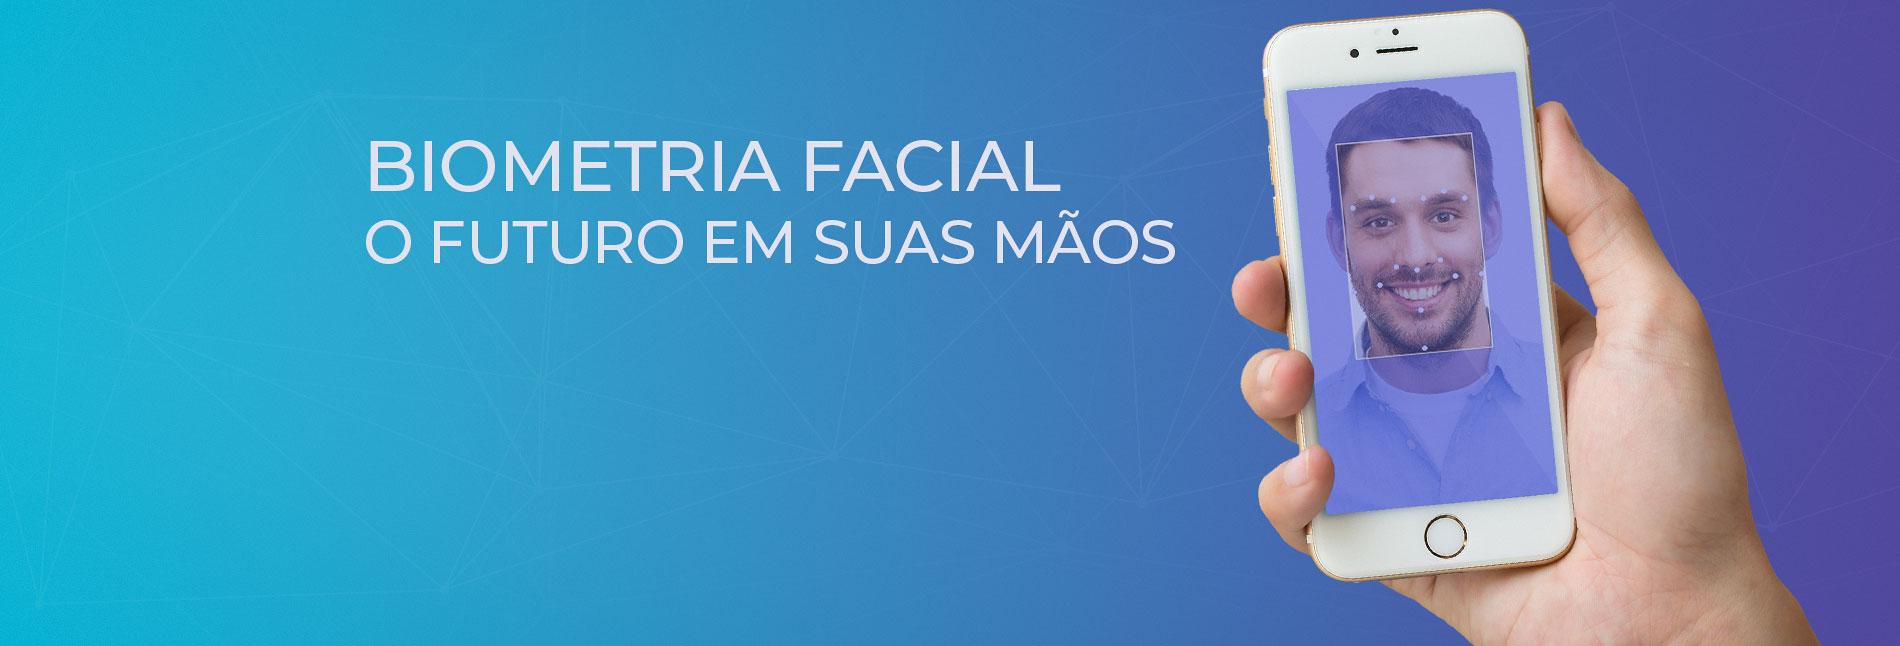 O futuro em suas mãos com a biometria facial